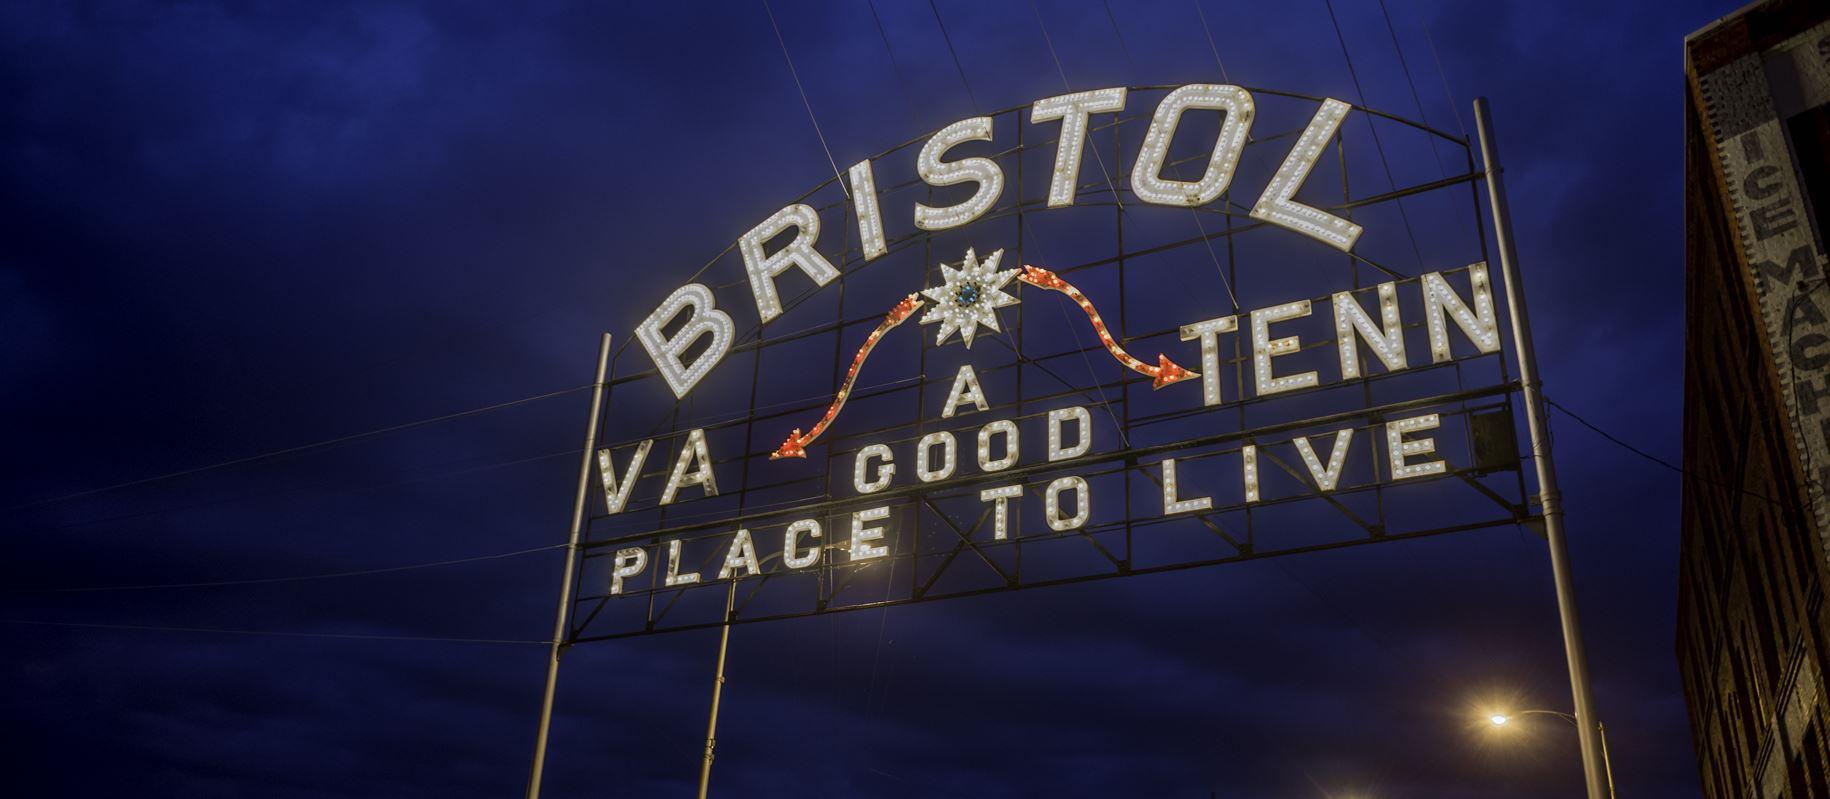 Bristol, VA - Official Website   Official Website